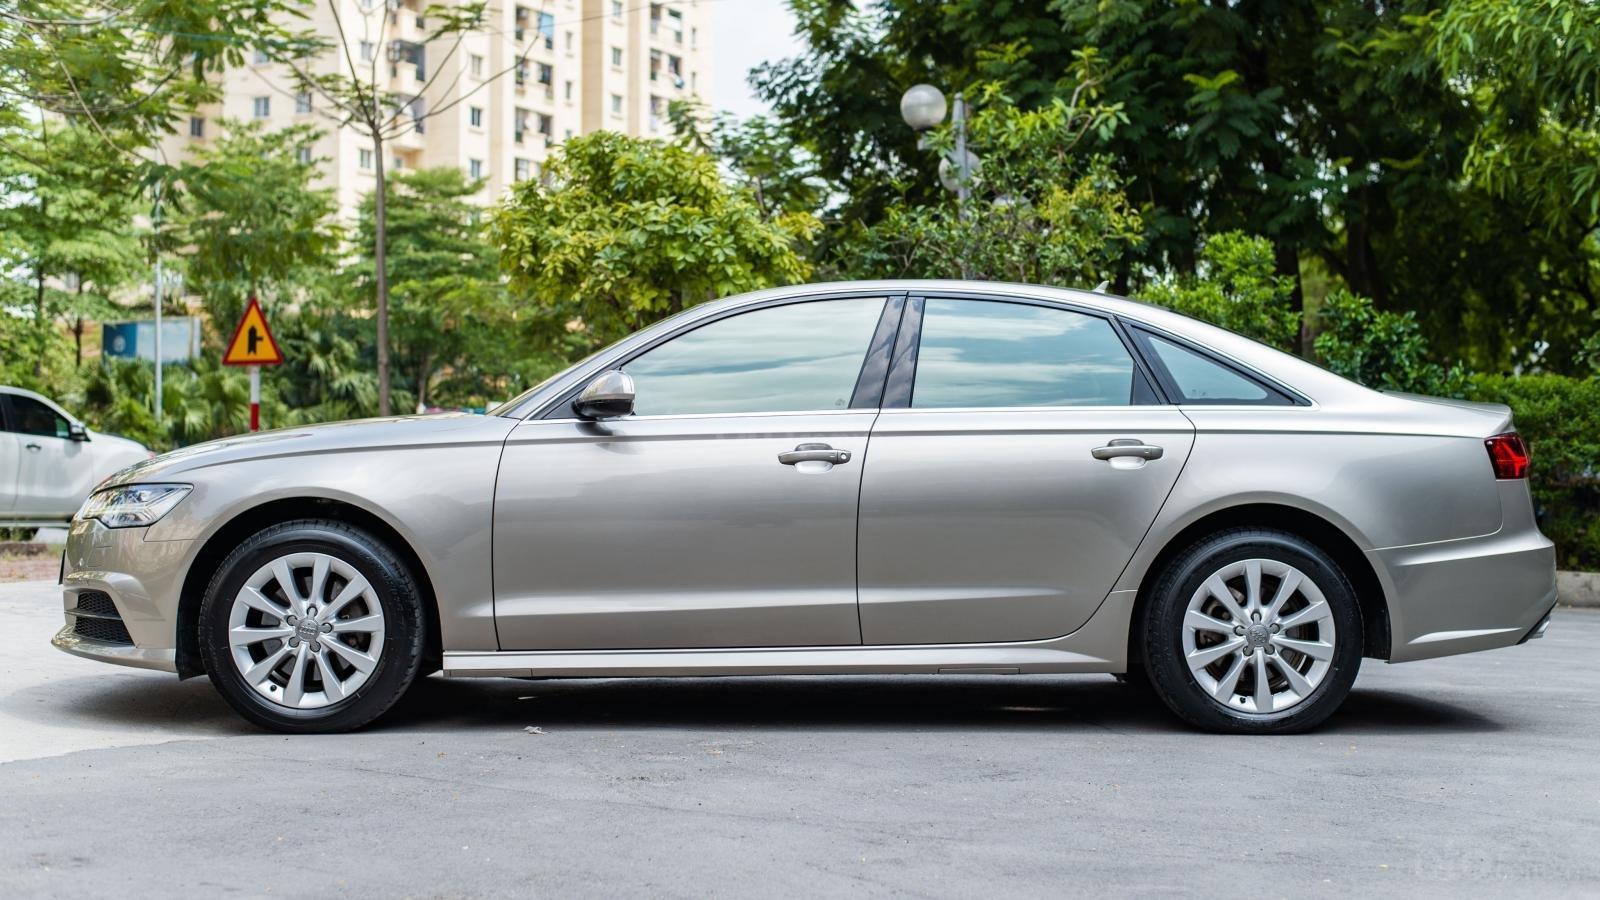 Cần bán xe Audi A6 1.8 TFSI sản xuất 2016, đăng kí 2017, biển Hà Nội (4)